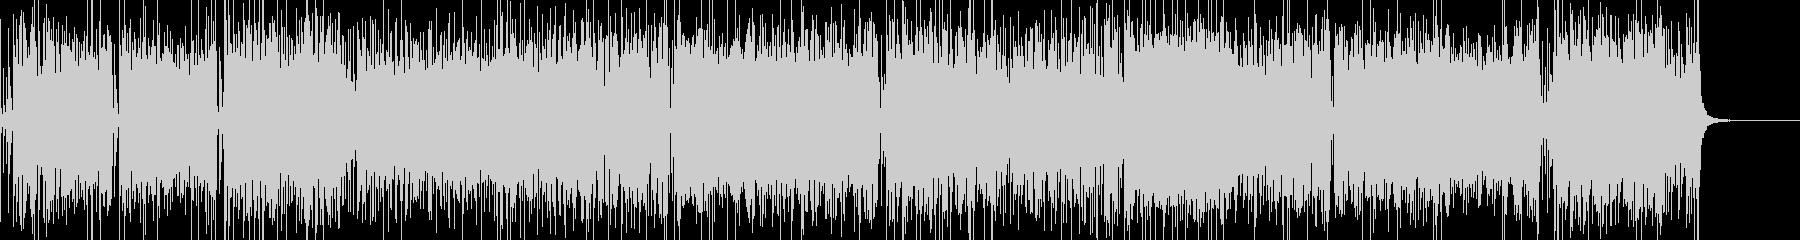 ブルース、ロックン・ロール風の元気BGMの未再生の波形